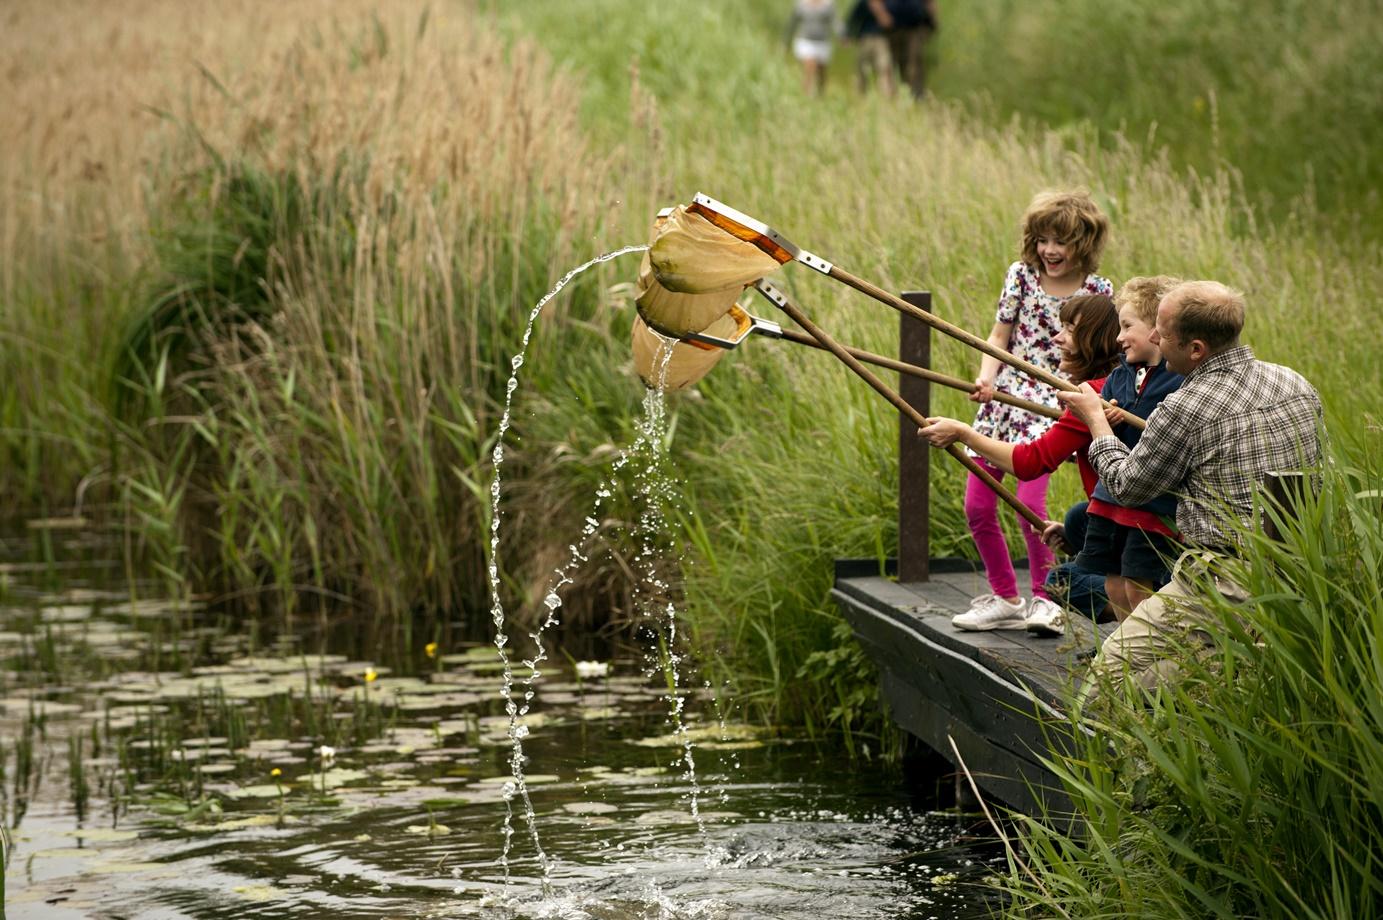 Развлечения на свежем воздухе: Куда пойти с детьми на выходных и не только